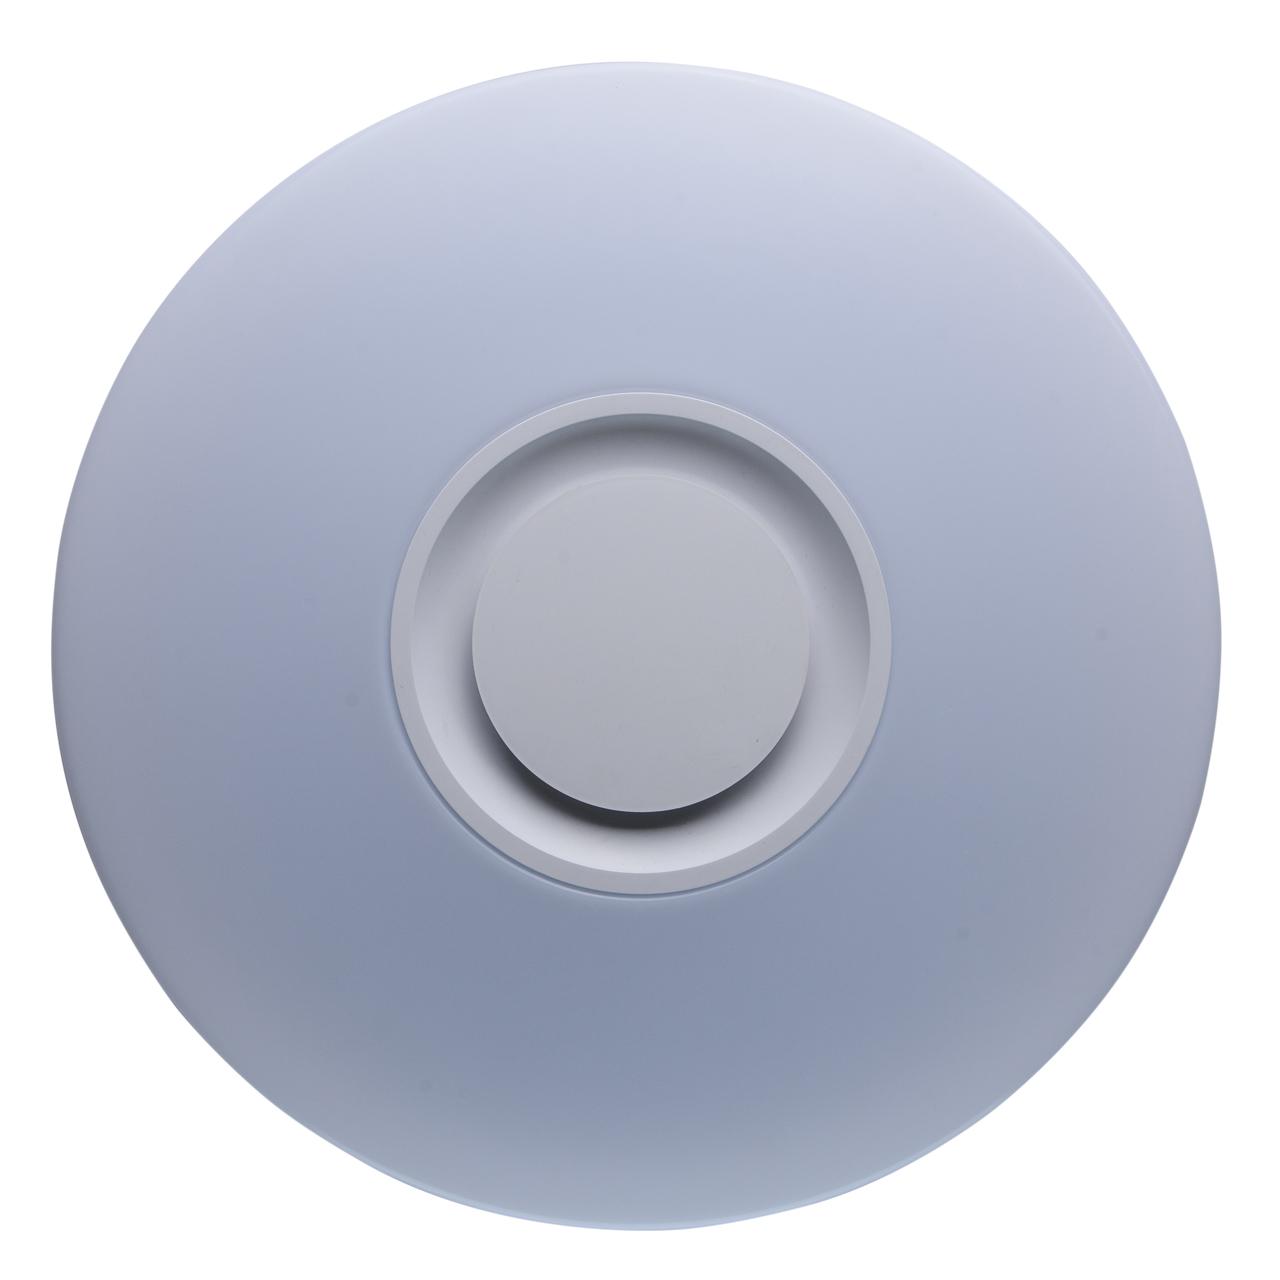 Светильник потолочный De markt 660012201 48w led